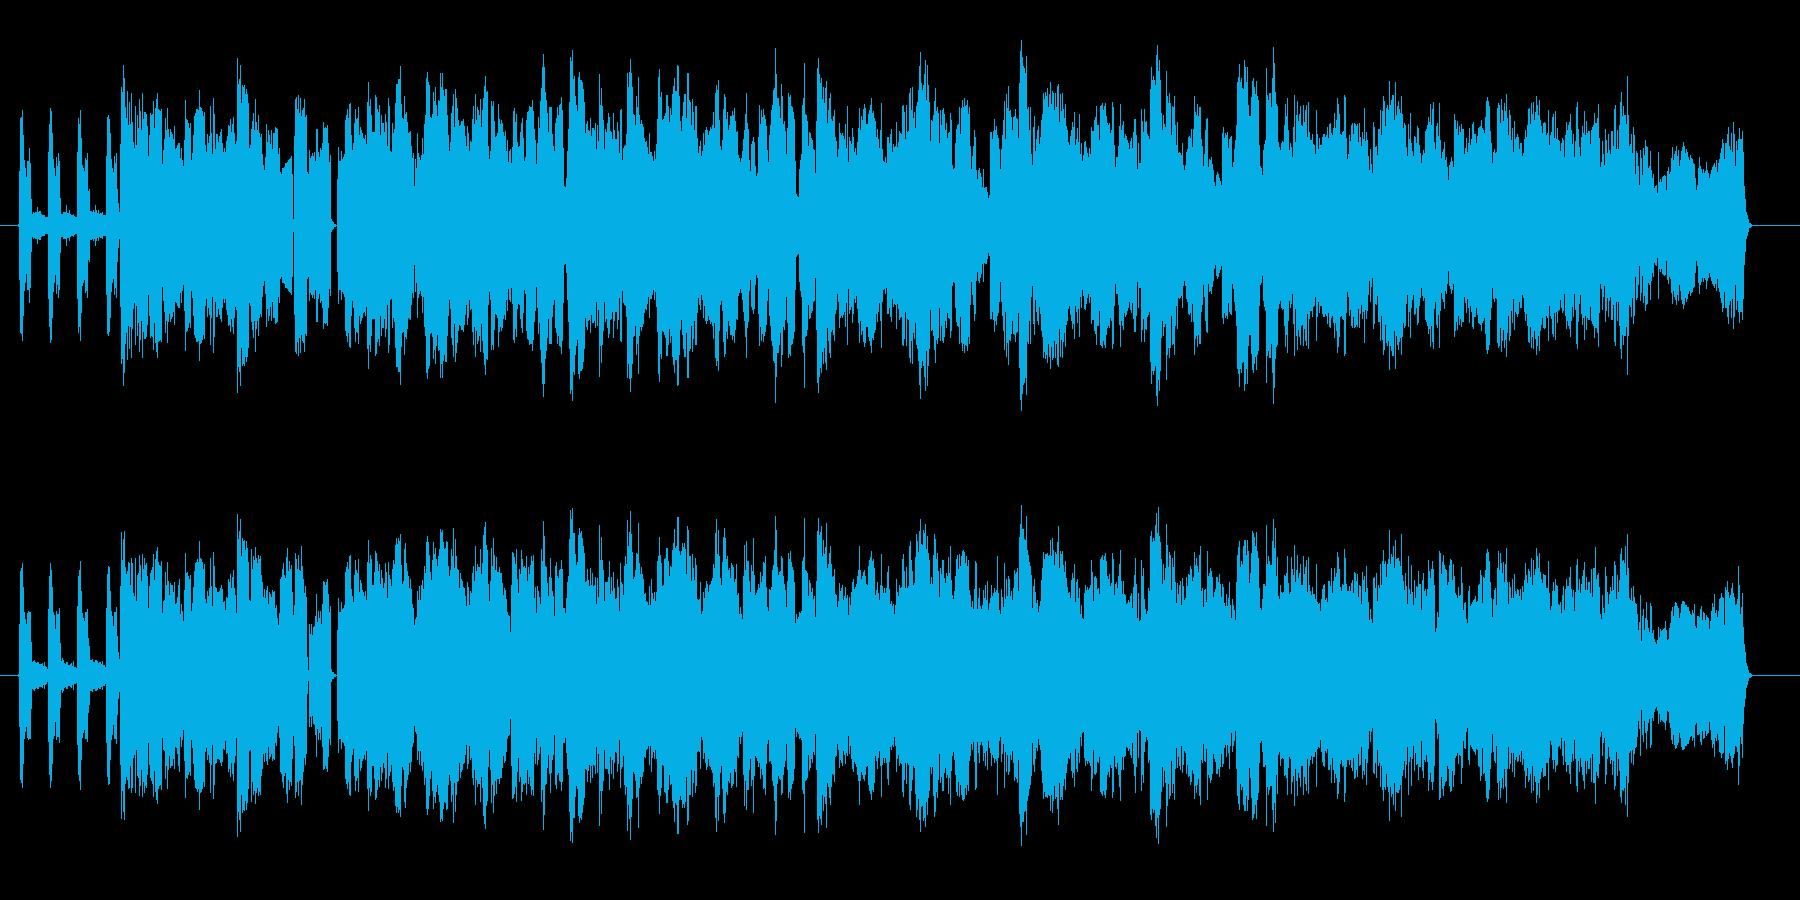 複雑なビートが印象的なテクノミュージックの再生済みの波形